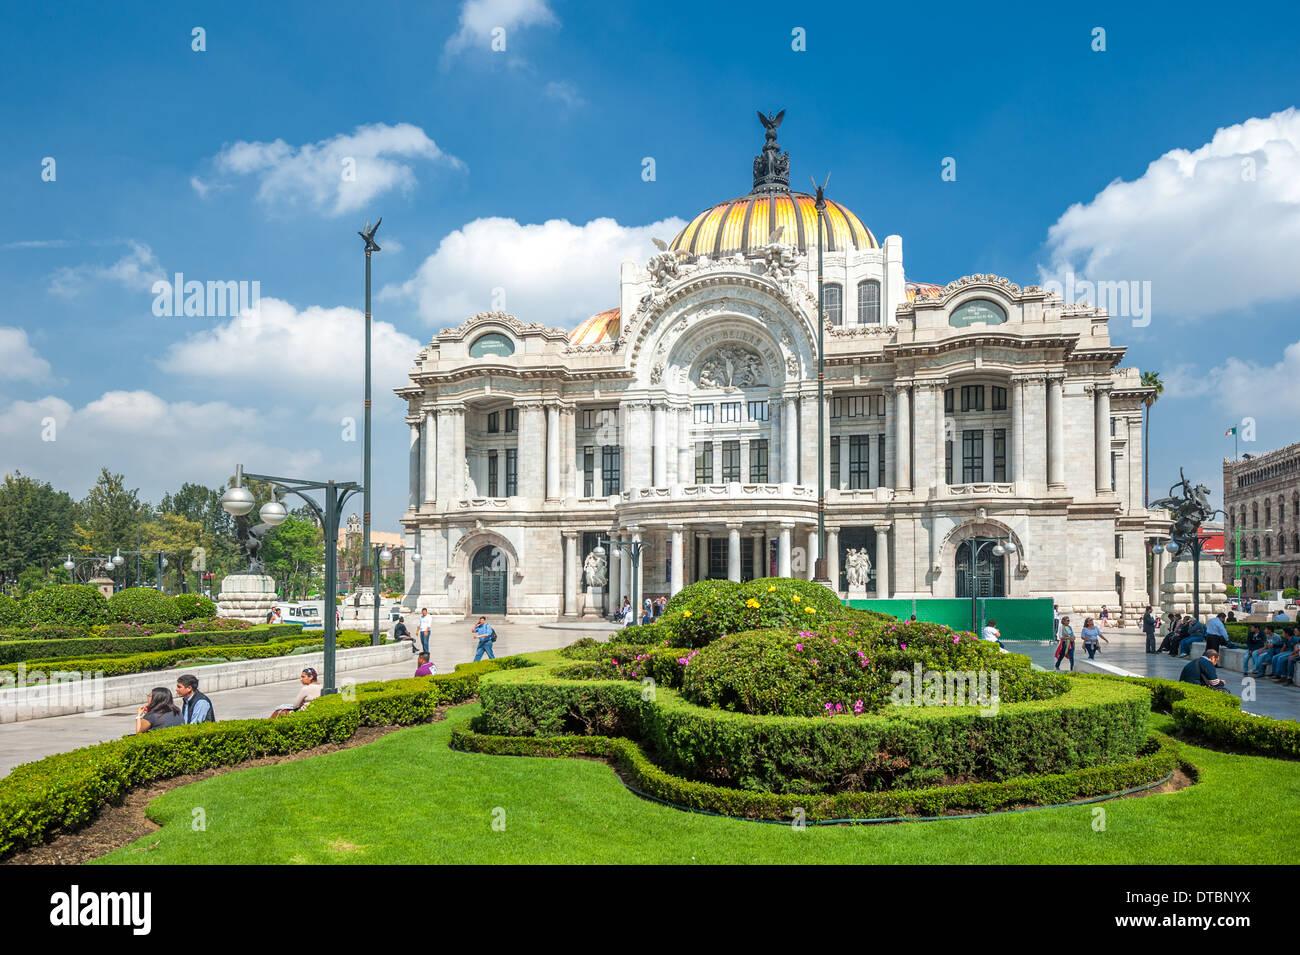 Palacio de Bellas Artes, Ciudad de México. Imagen De Stock